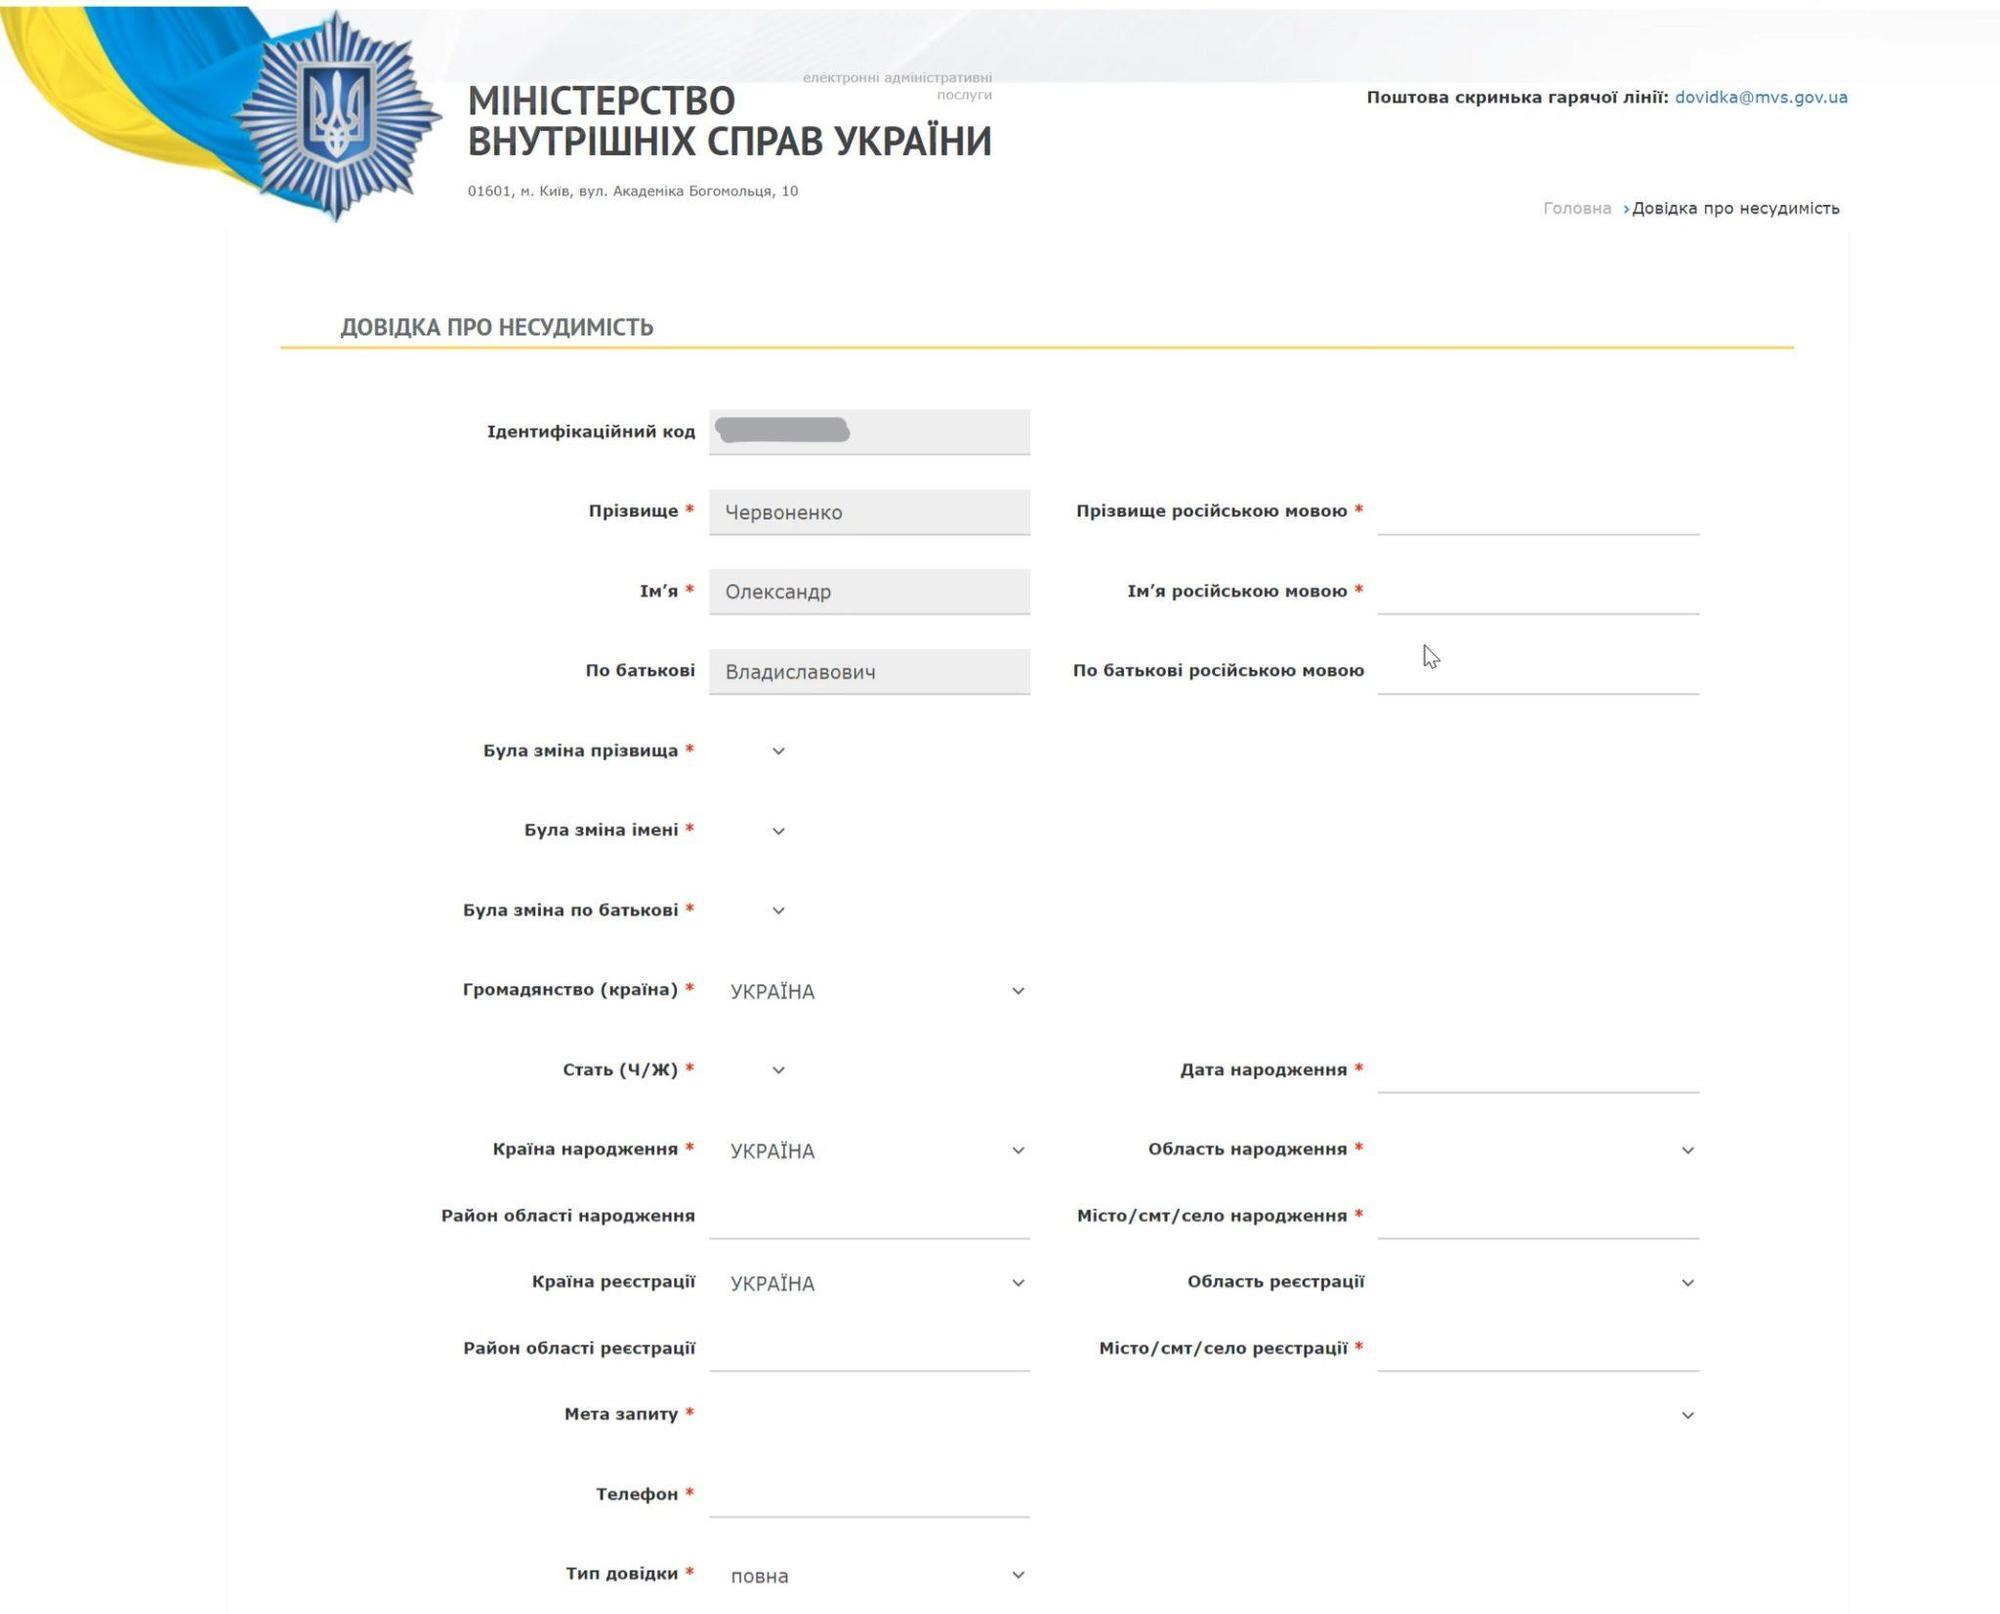 Безкоштовно та за 5 хв: Як оформити довідку про судимість онлайн (Інструкція)